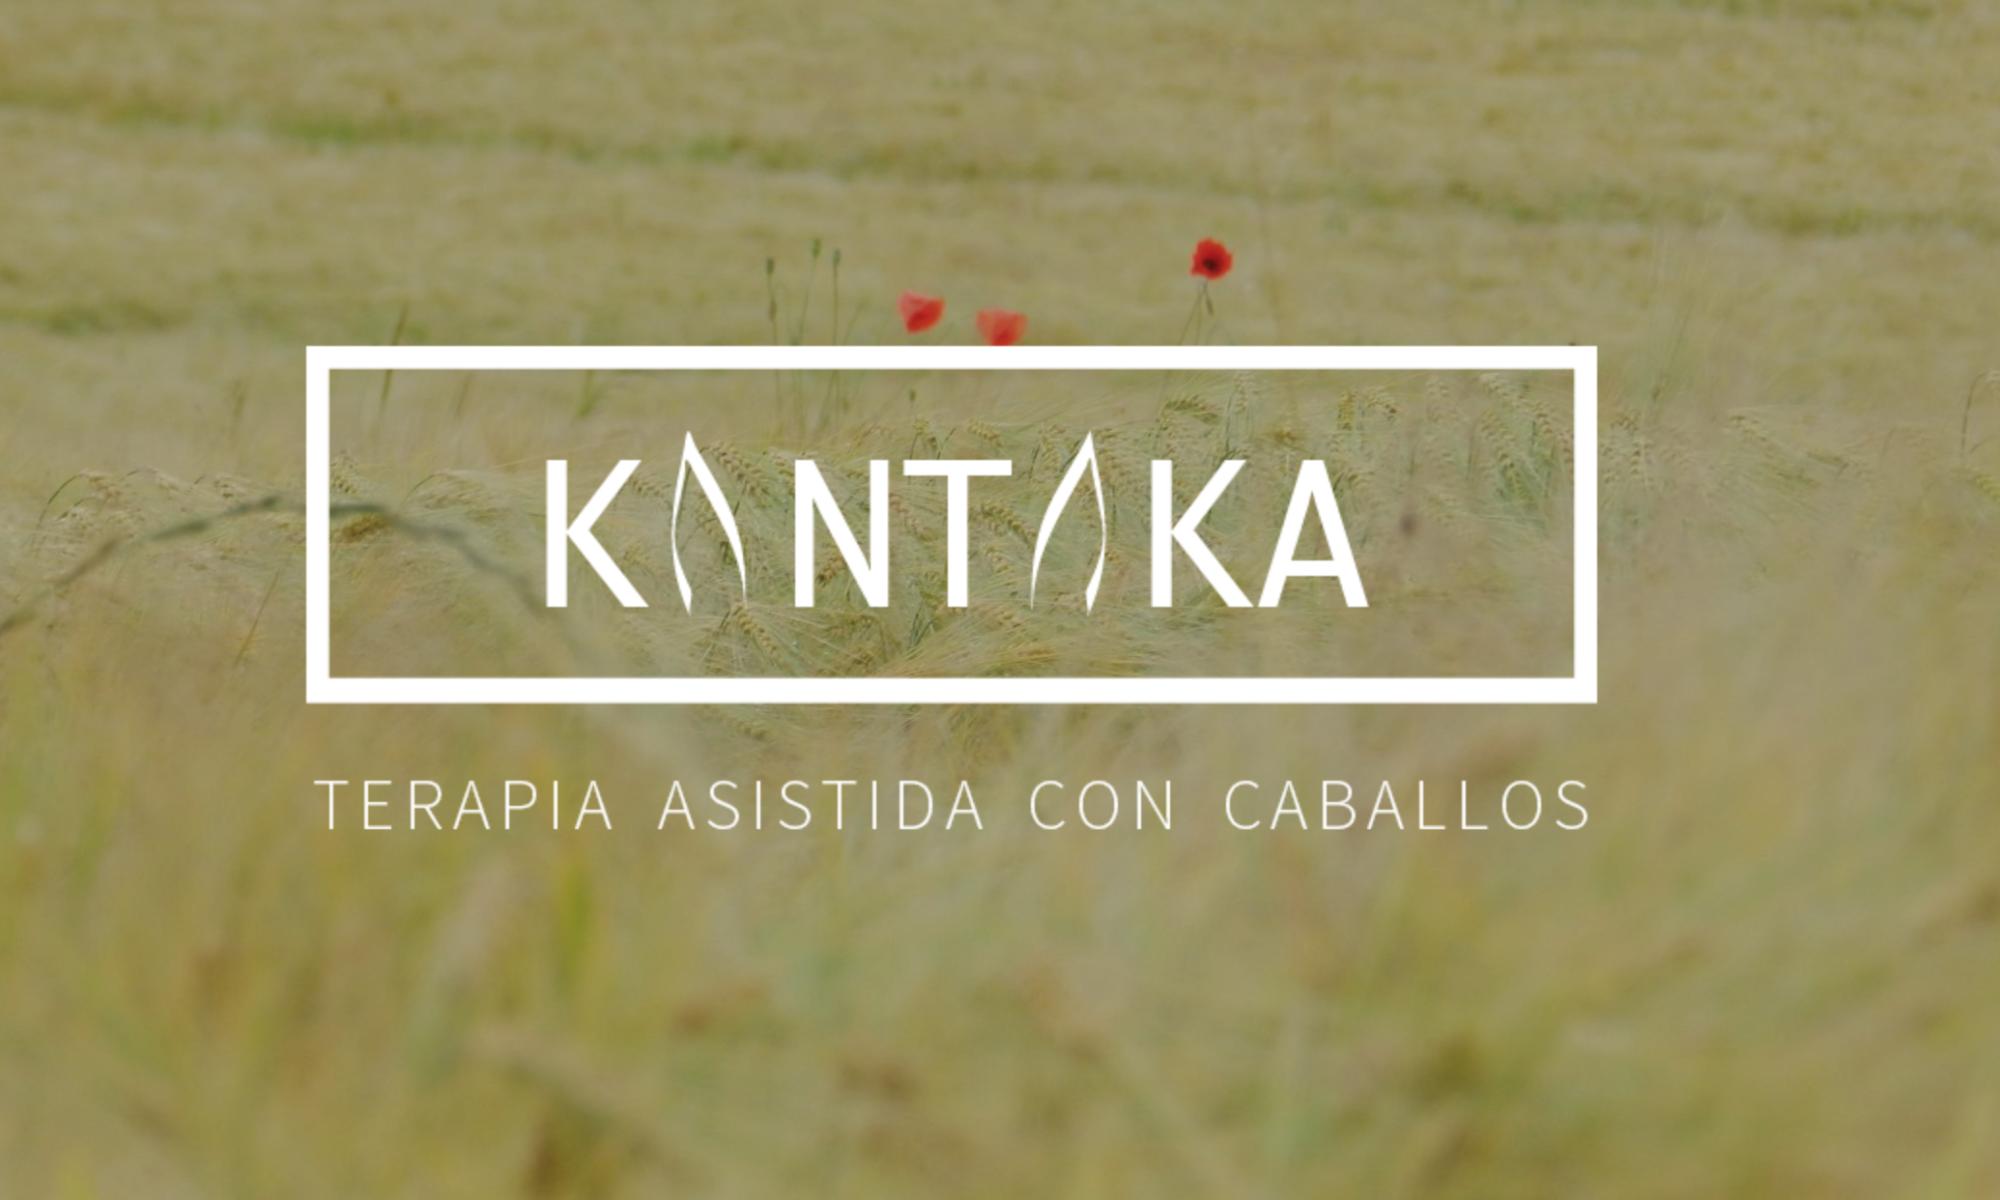 Kantaka